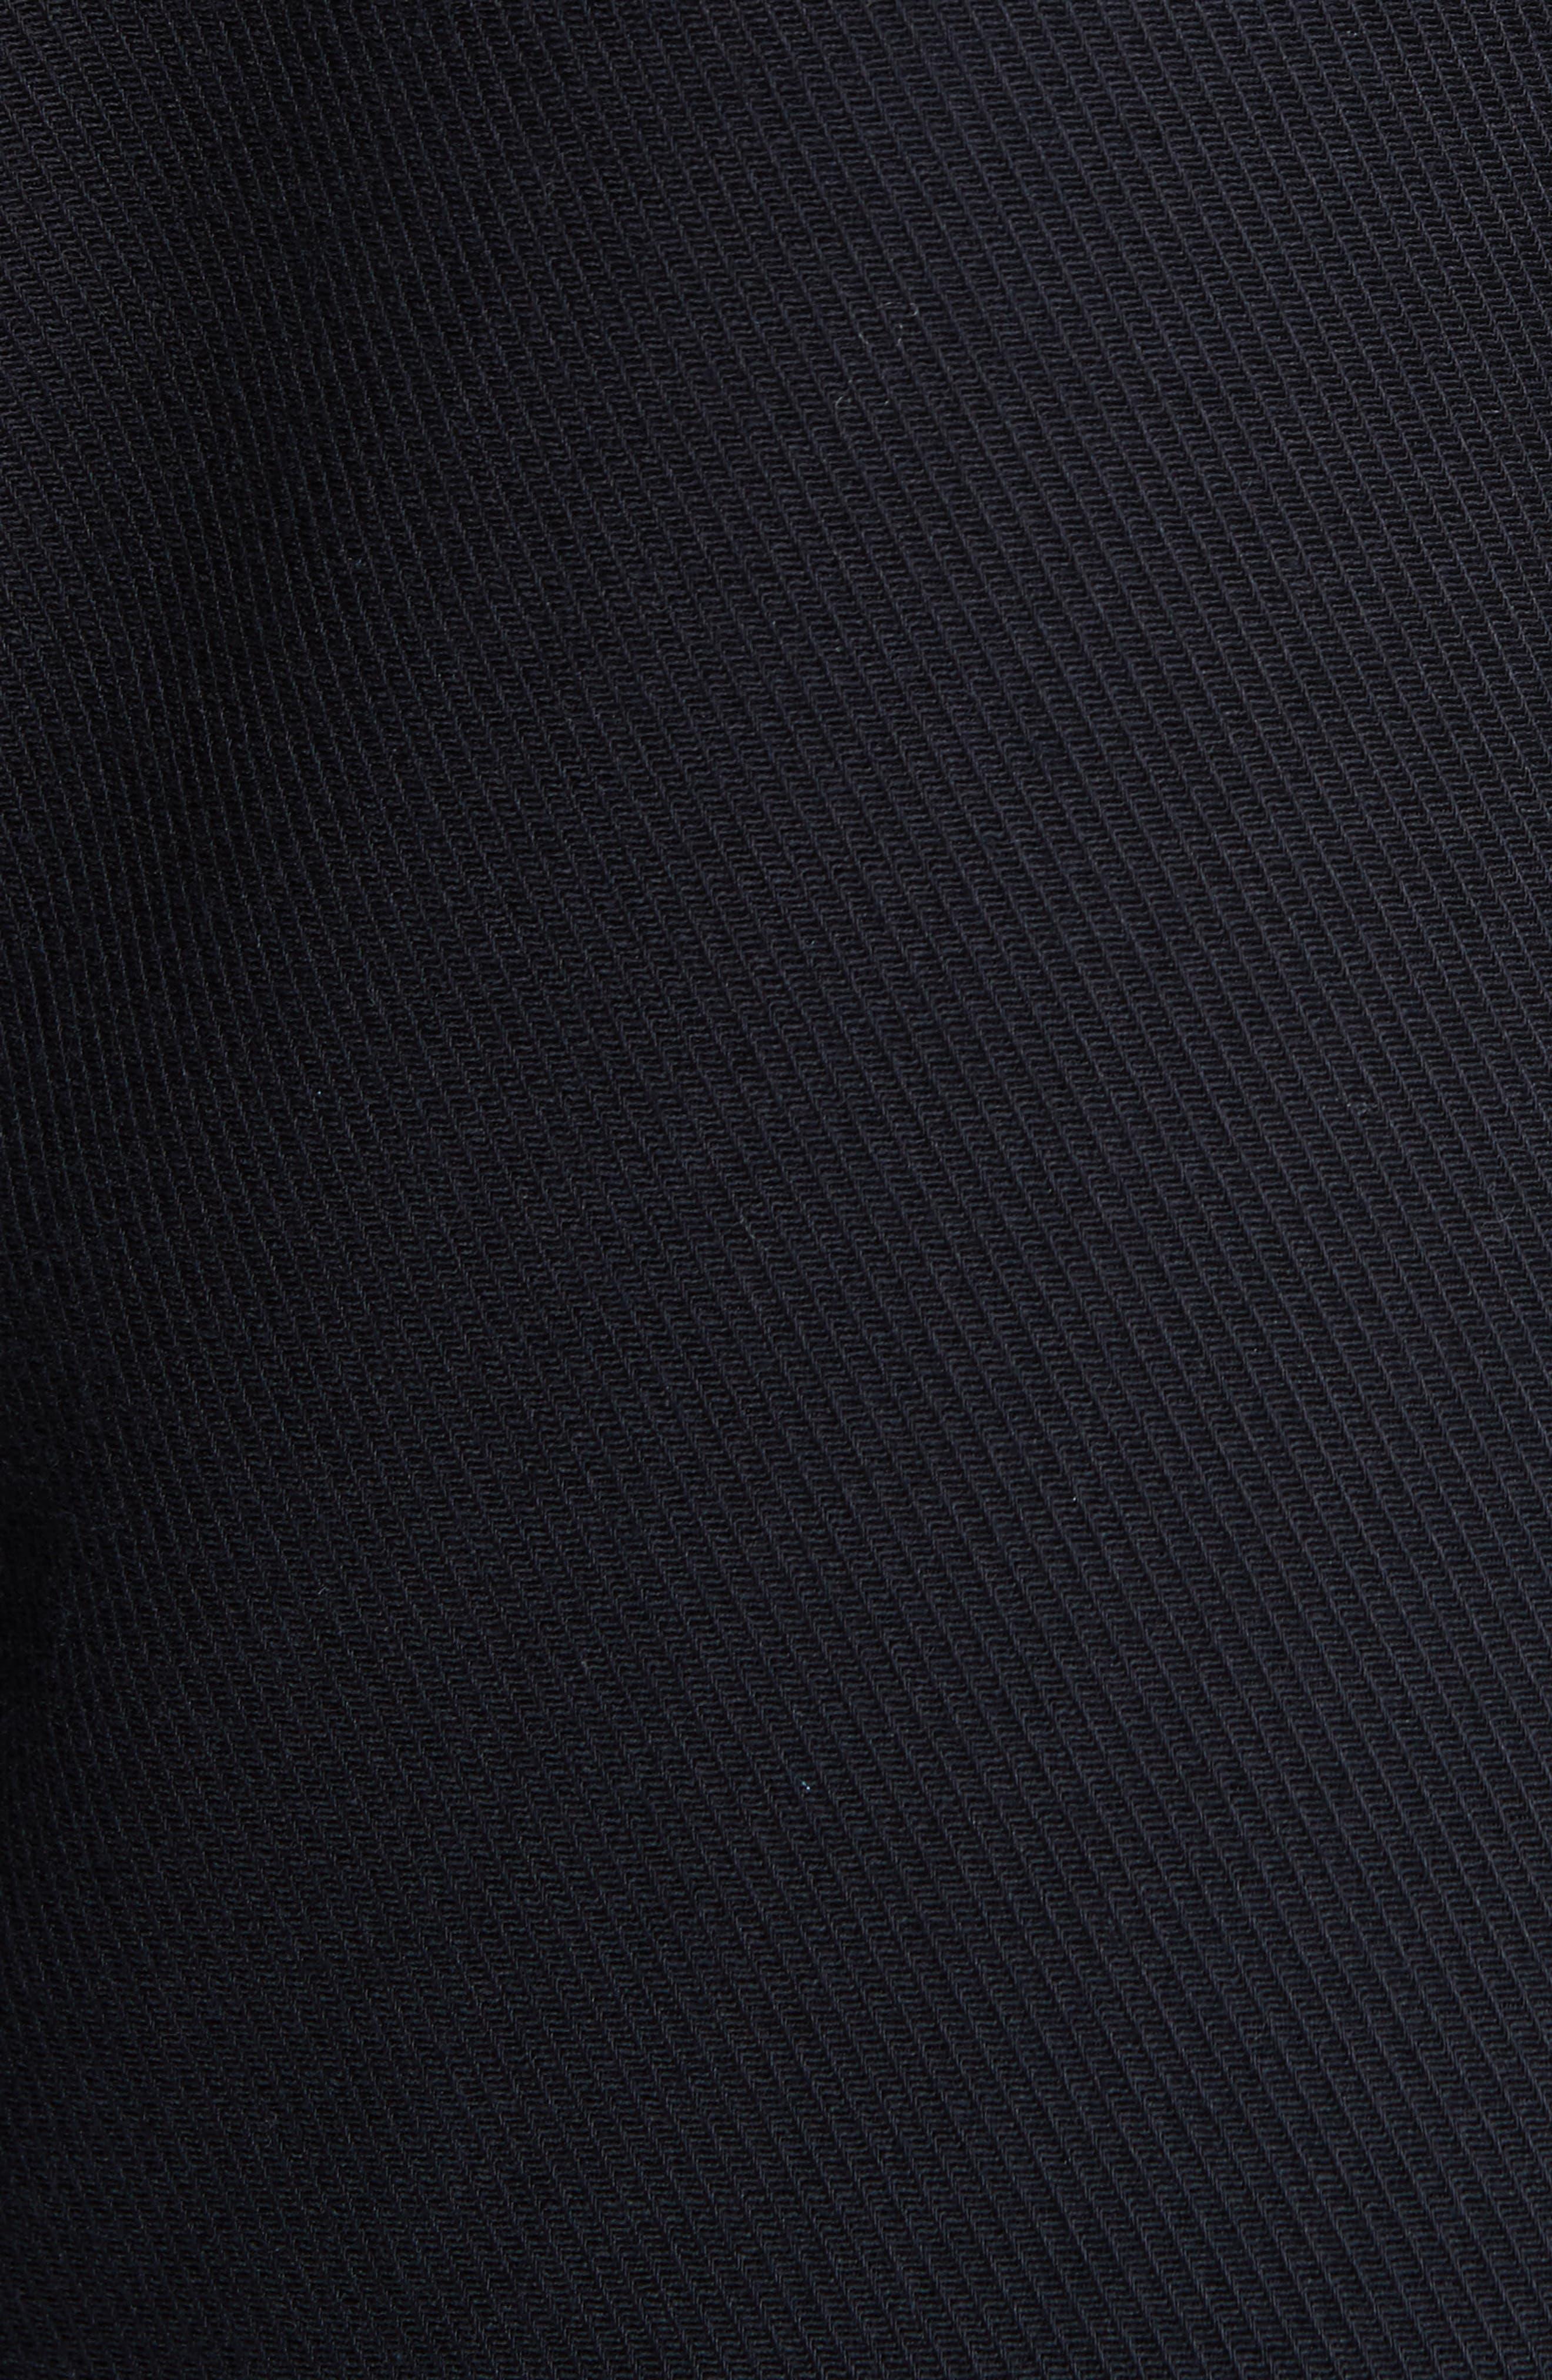 Lafayette Leather Trim Snap Jacket,                             Alternate thumbnail 6, color,                             410